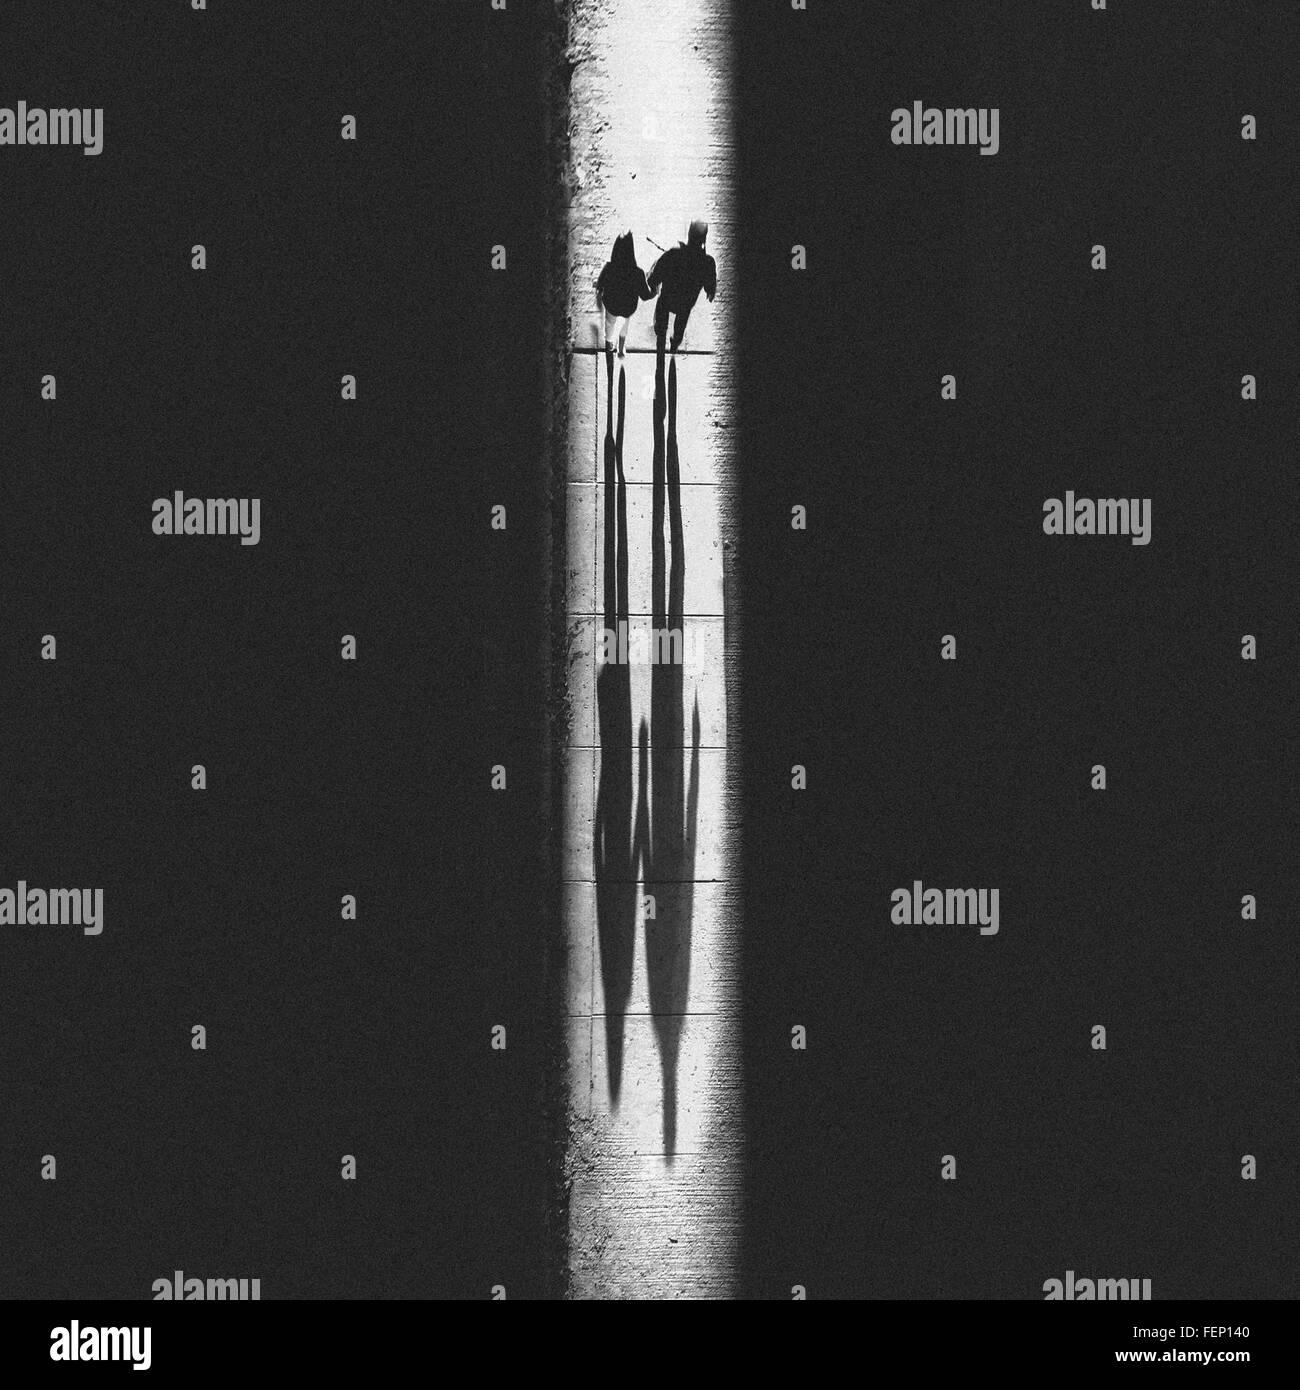 Dos personas caminando en el sendero brillante Imagen De Stock